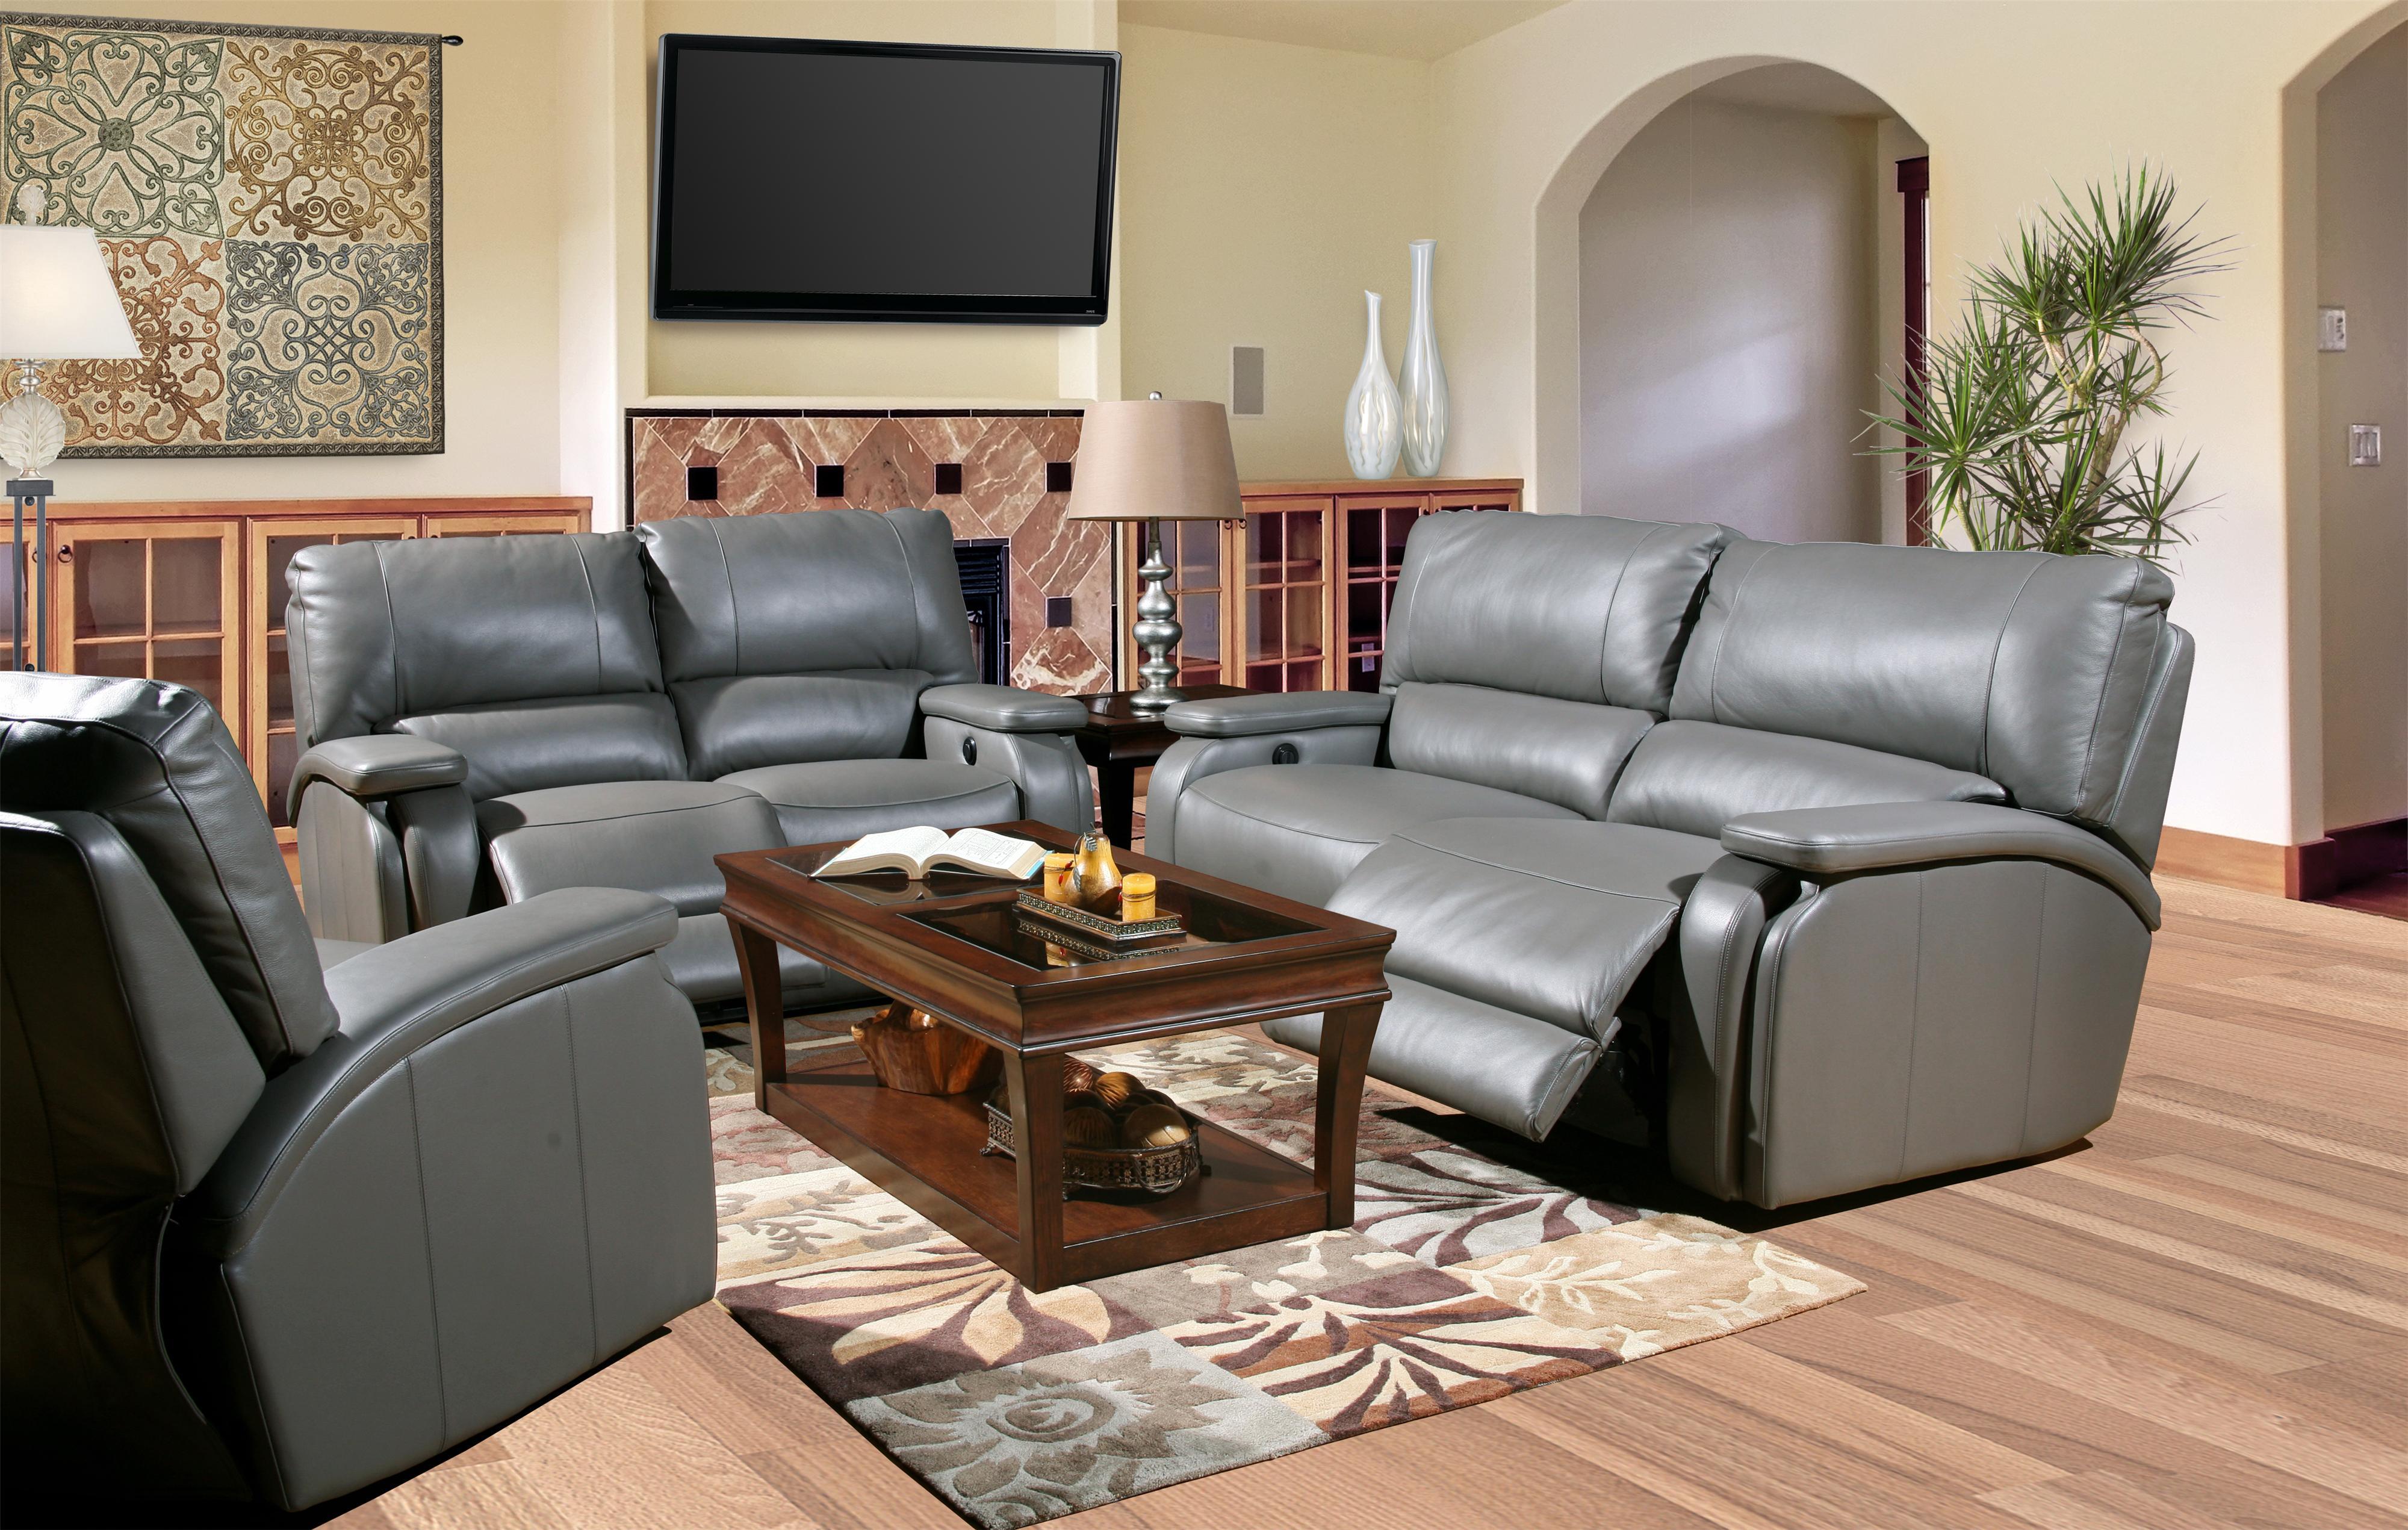 Parker Living Grisham Reclining Living Room Group - Item Number: MGRI Living Room Group